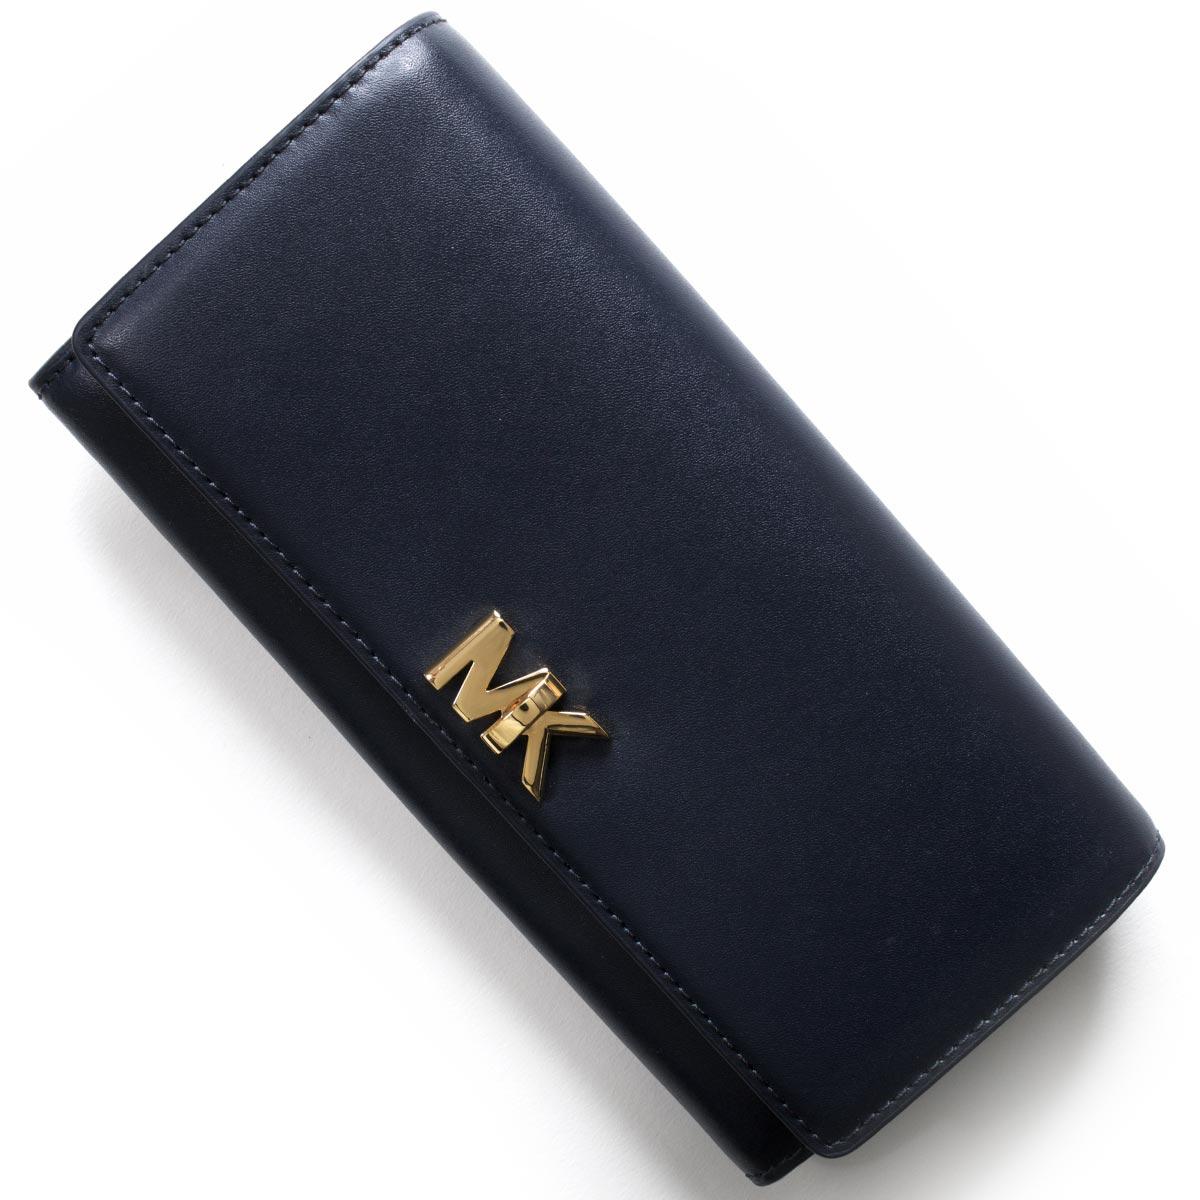 マイケルコース 長財布 財布 レディース モット MOTT アドミラルブルー 32T7GOXE3L 414 MICHAEL KORS